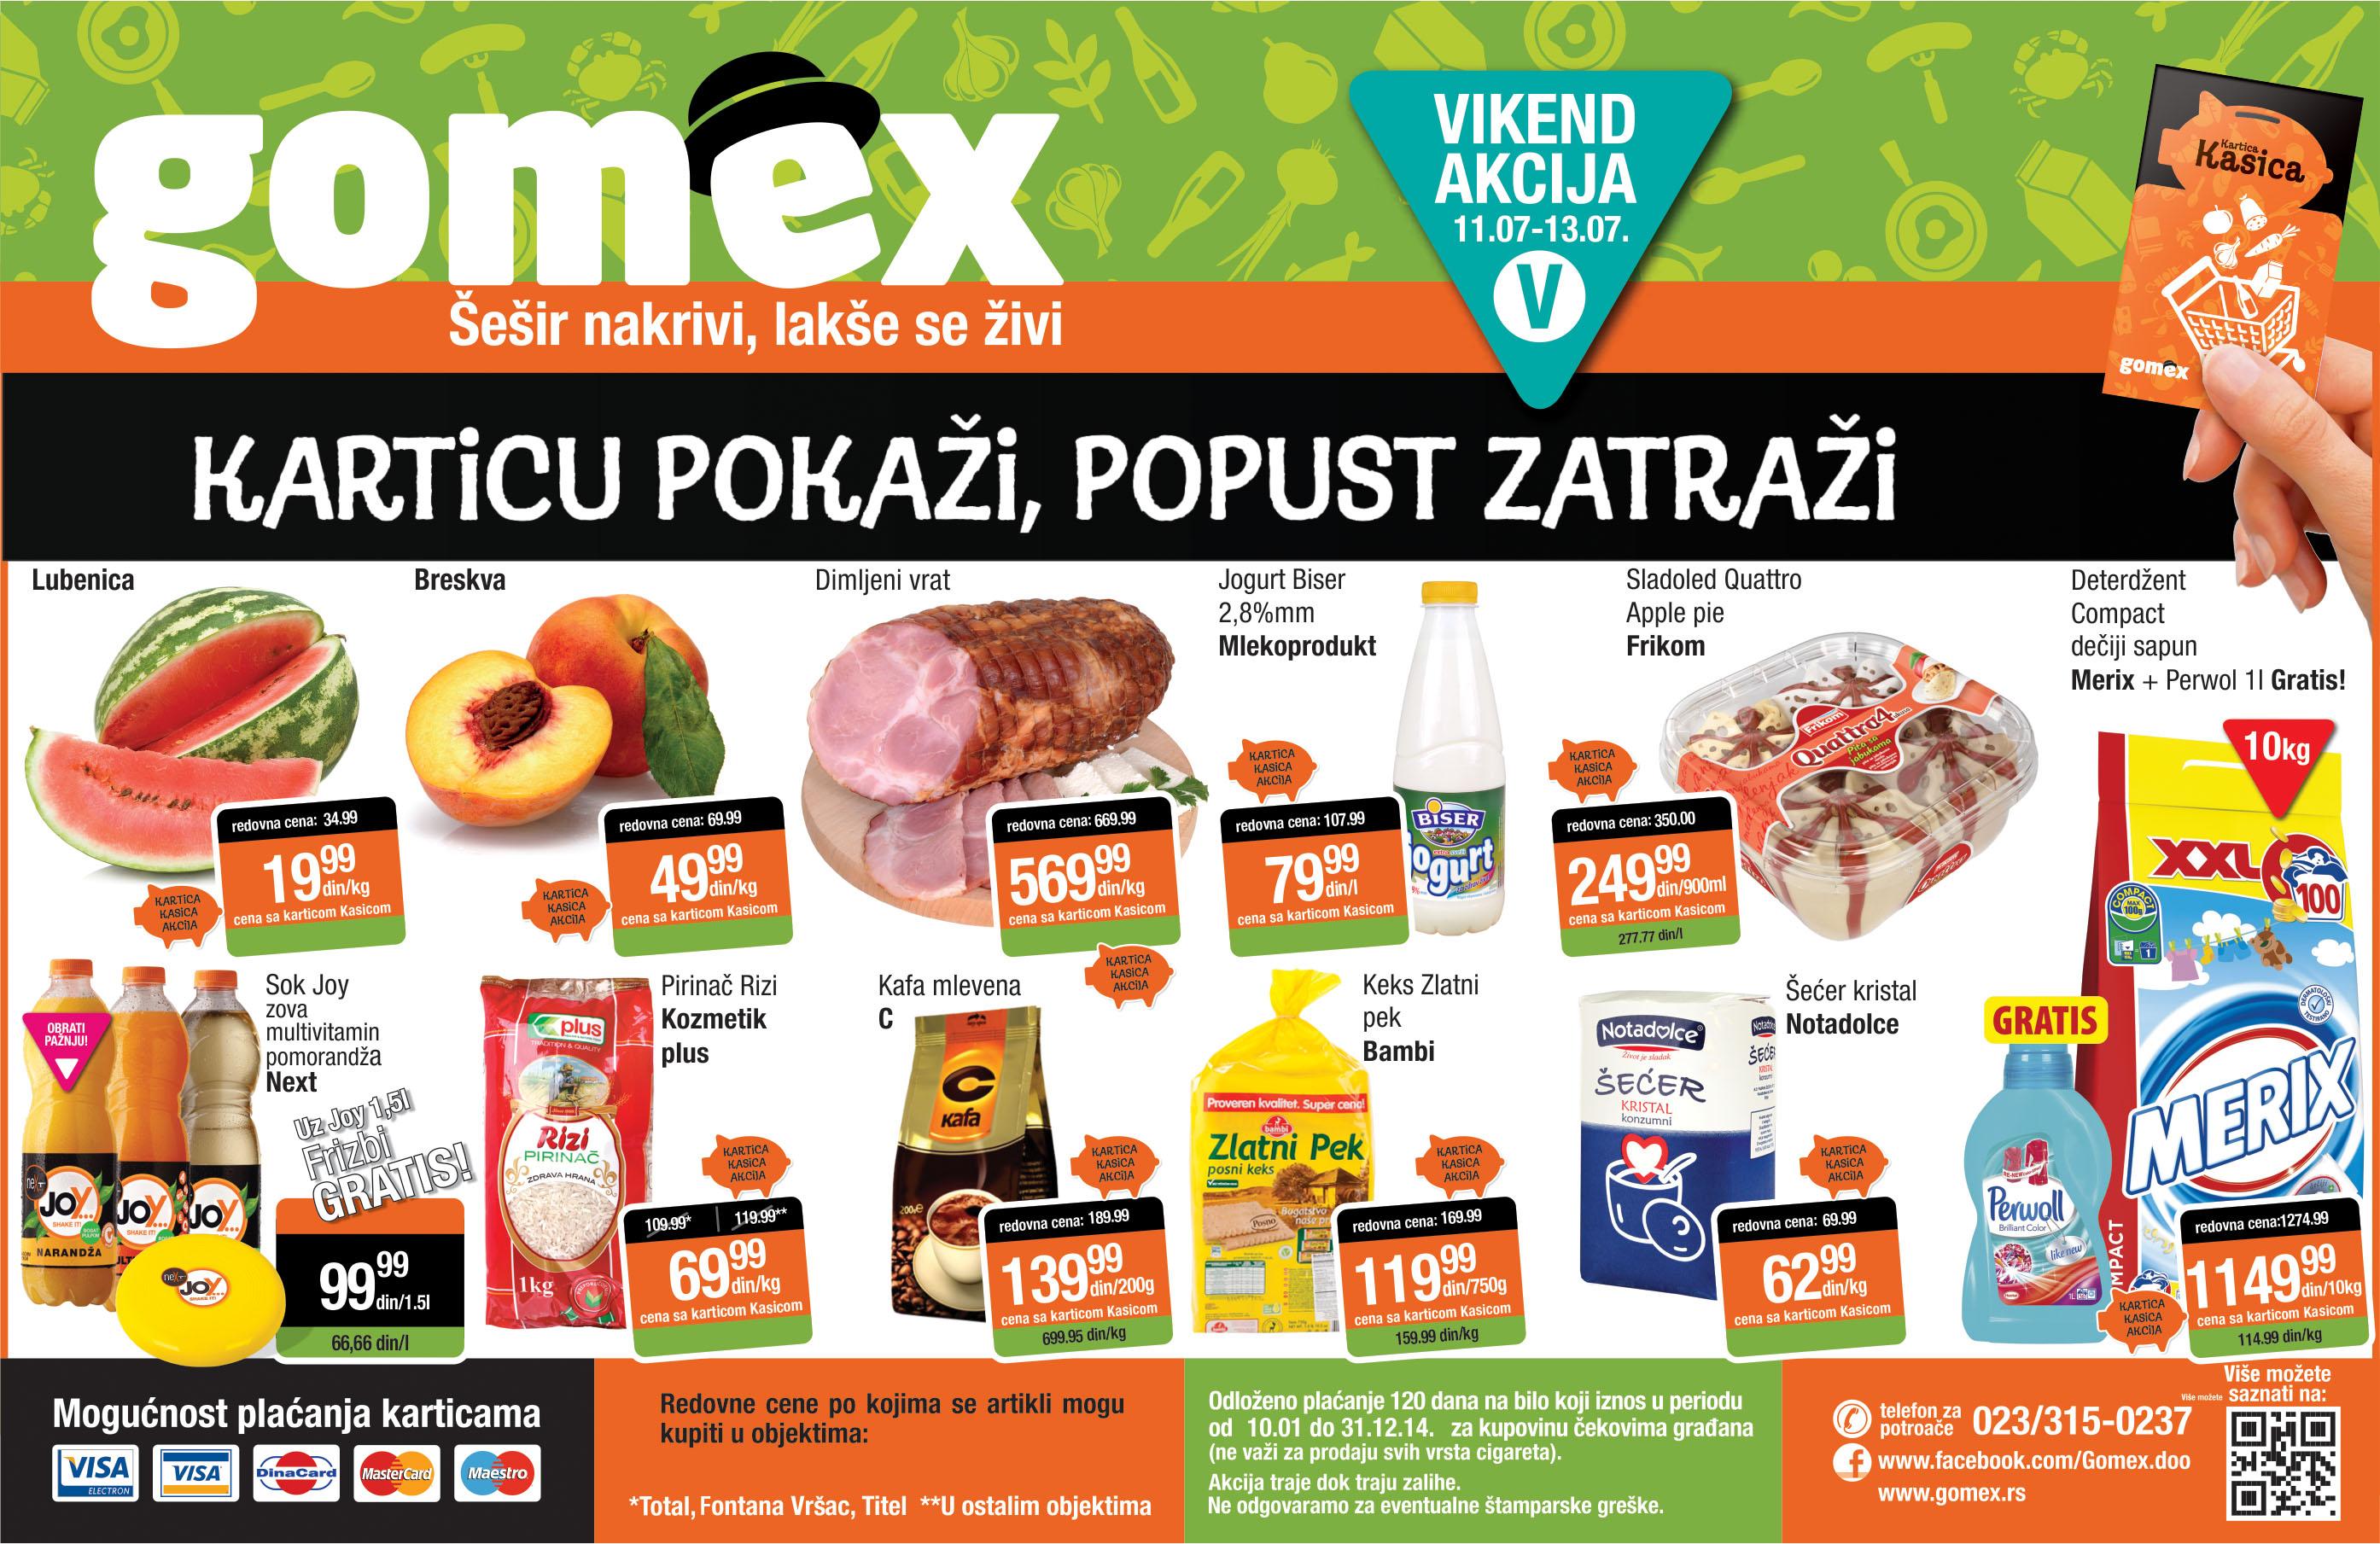 Gomex akcija vikend sjajne ponude počinje